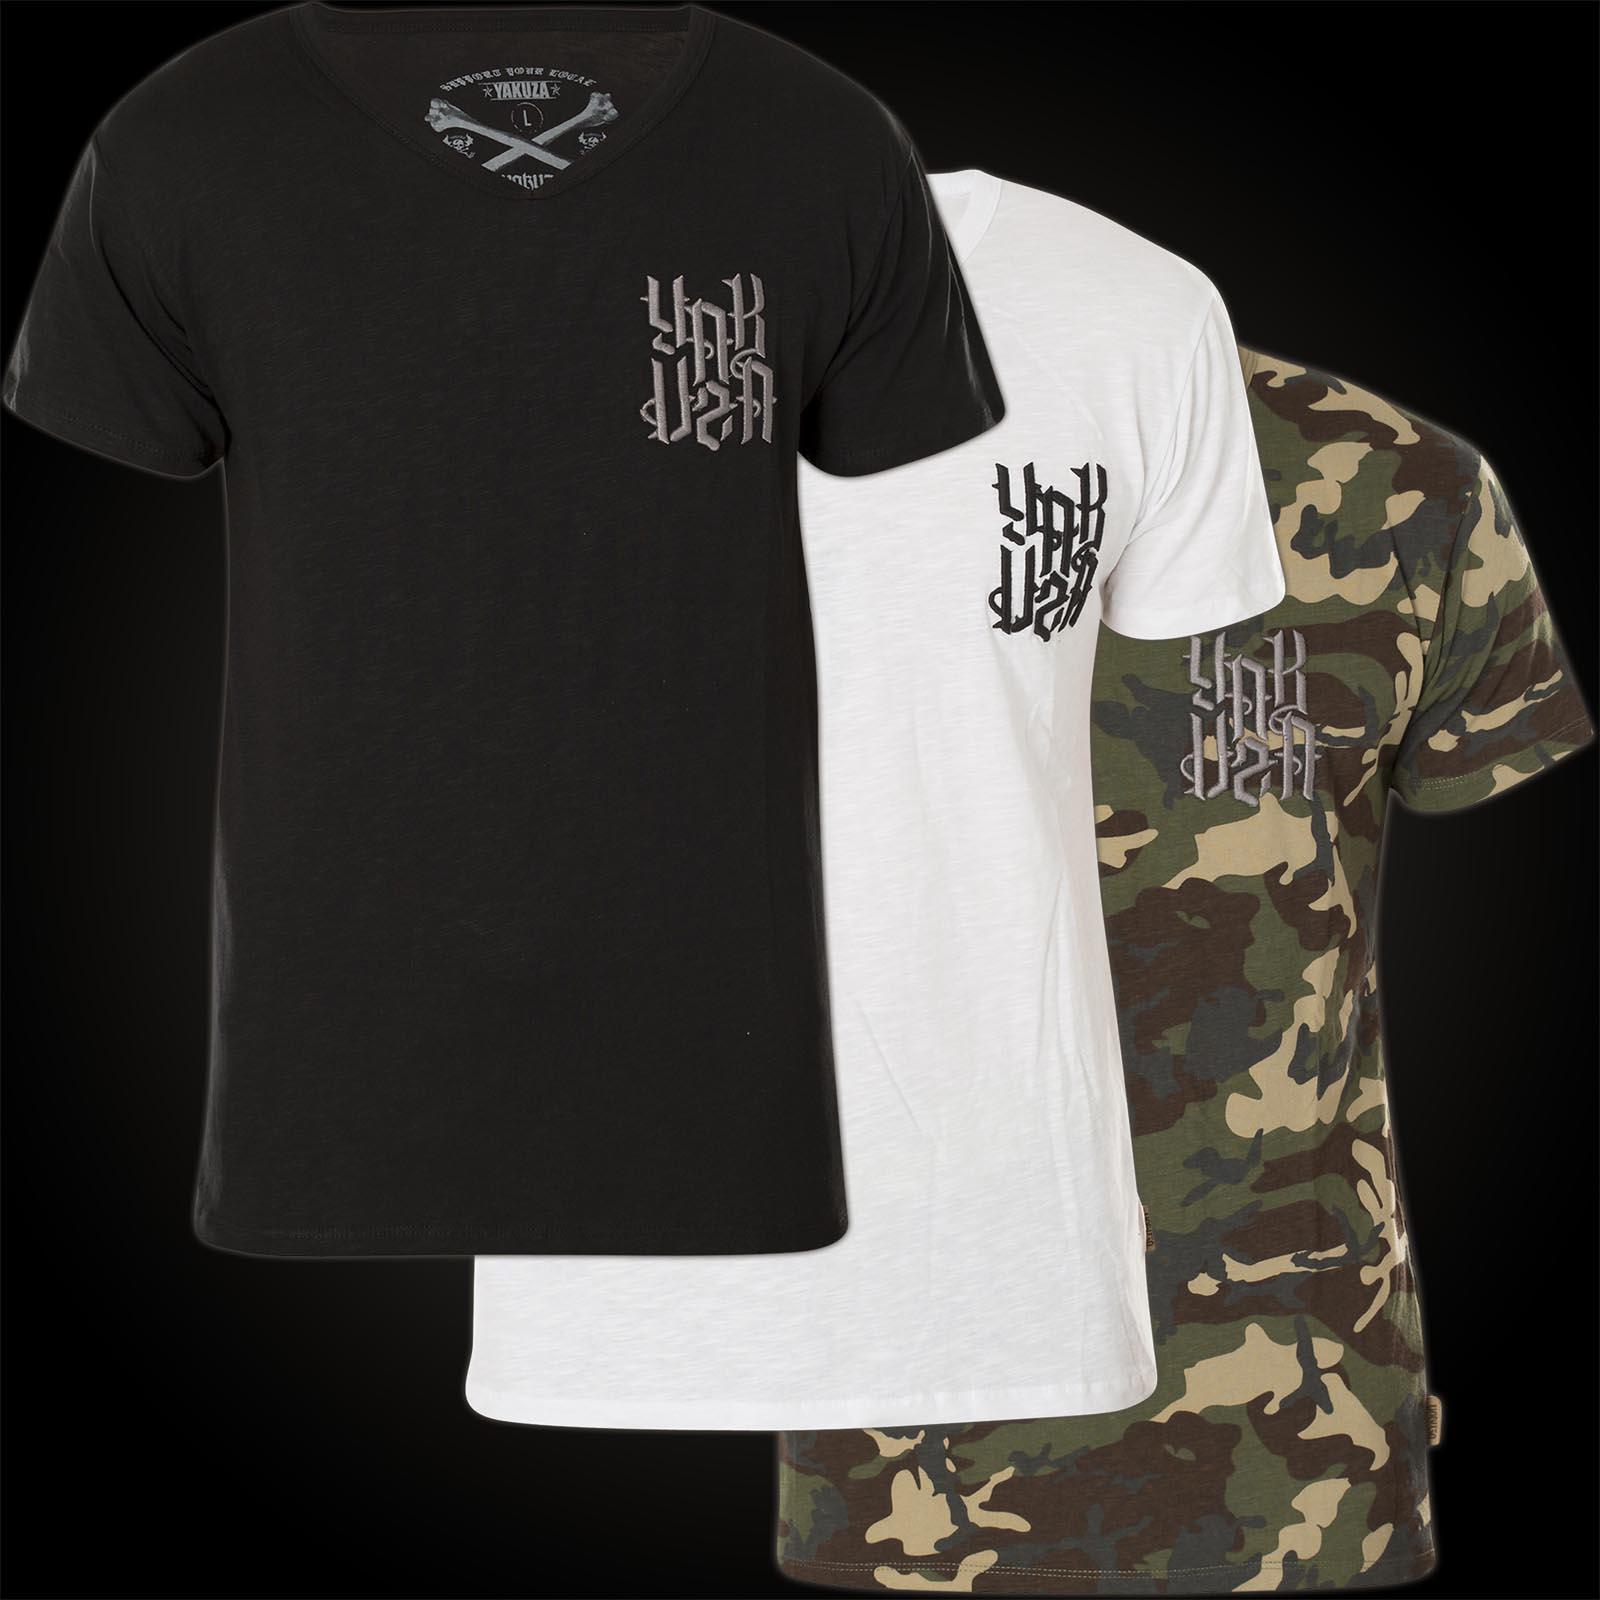 82e1f2e3b705 Long Tail V Neck T Shirts - DREAMWORKS